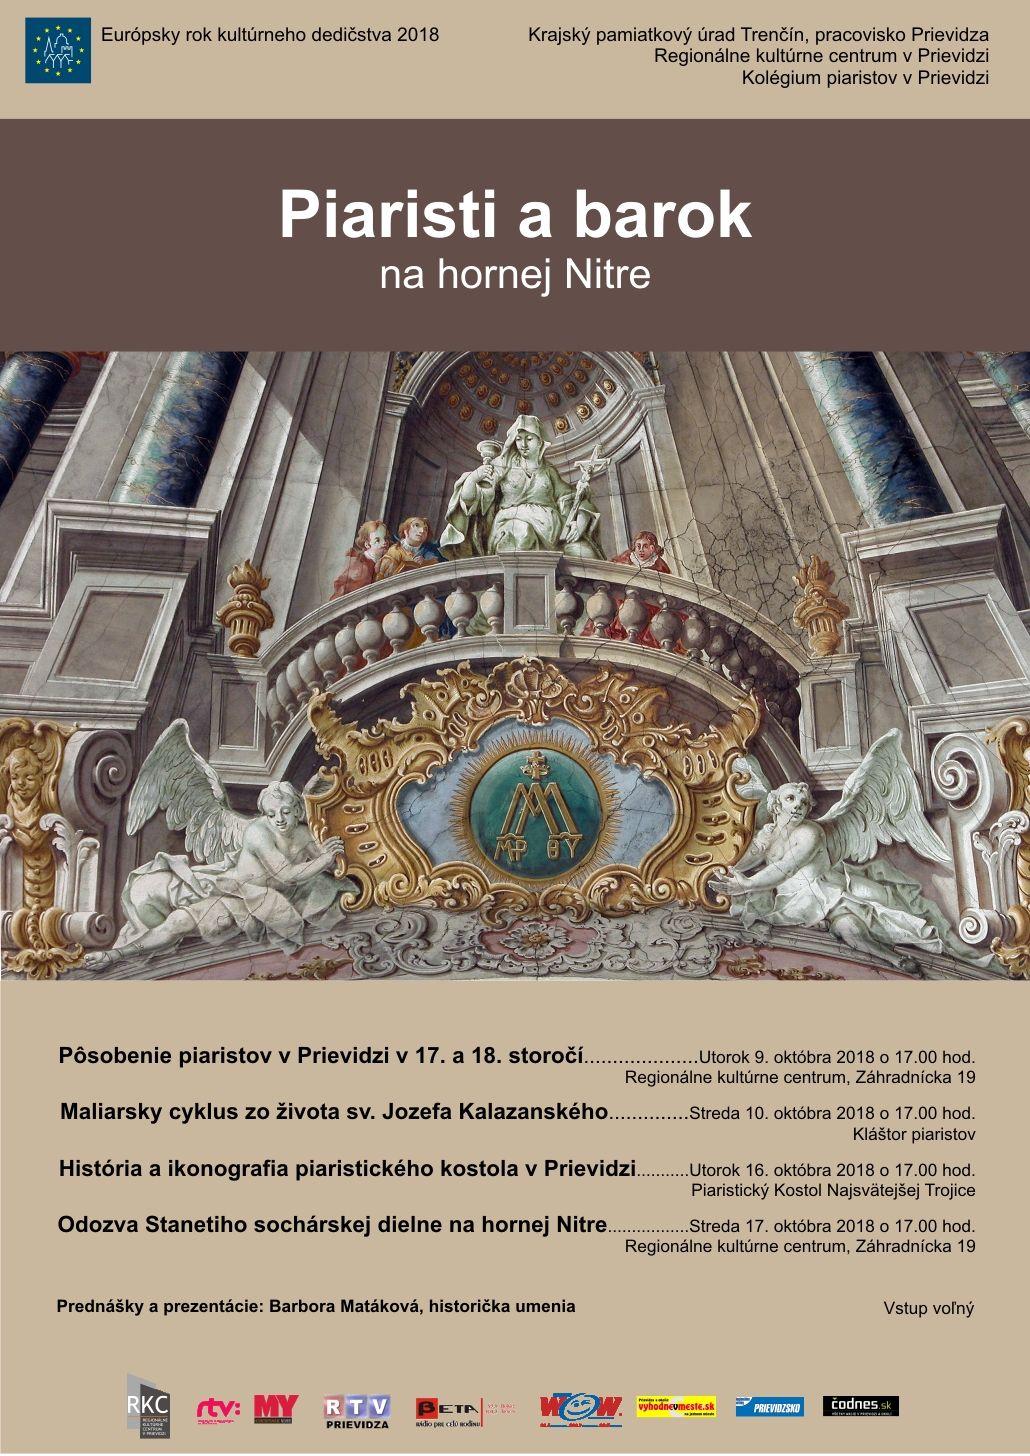 Piaristi a barok na hornej Nitre